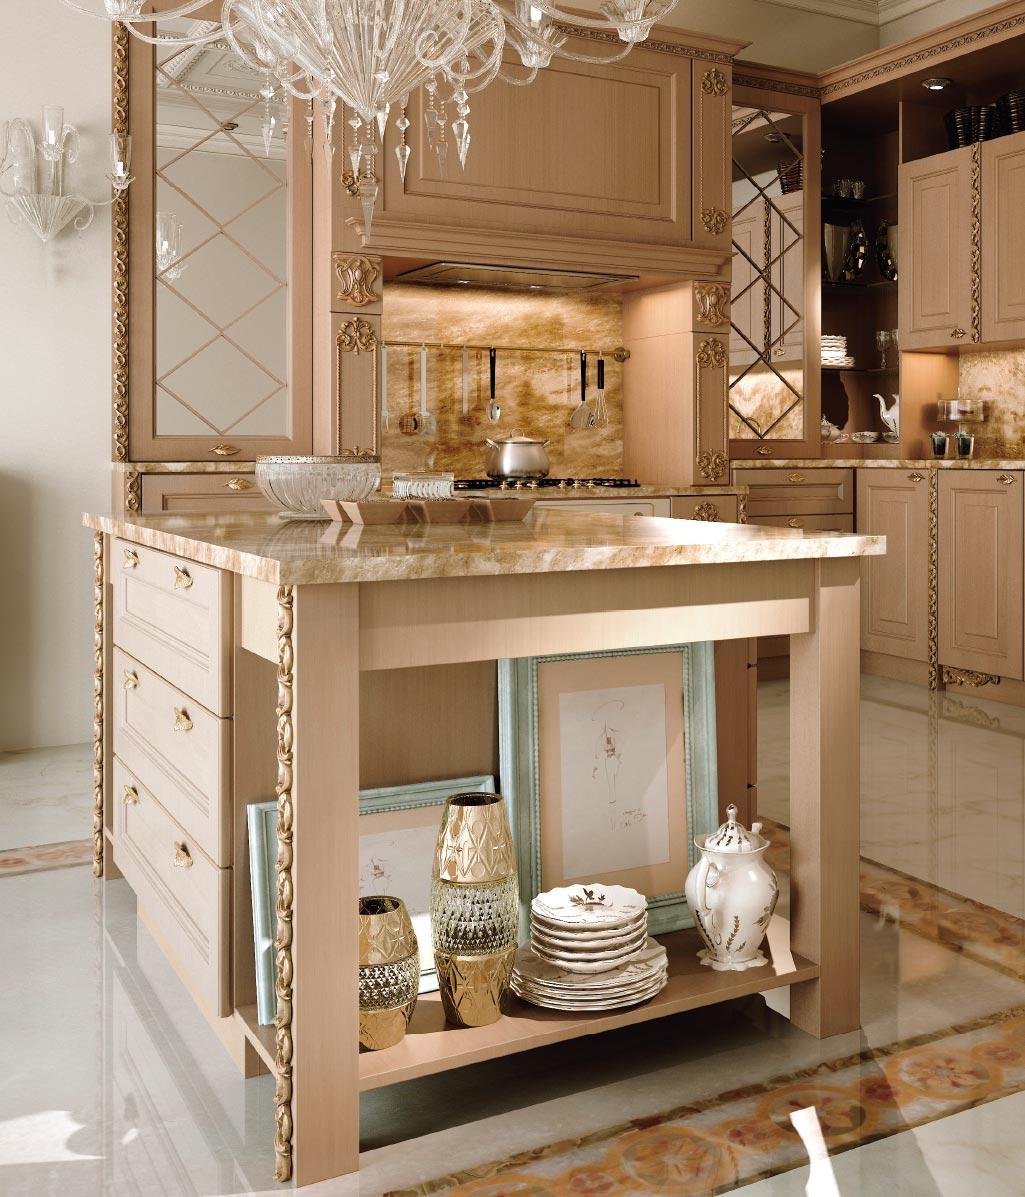 Cucine In Oro: Sali del mondo: sapori e colori di un granello doro bianco. Cucina barocchina ...